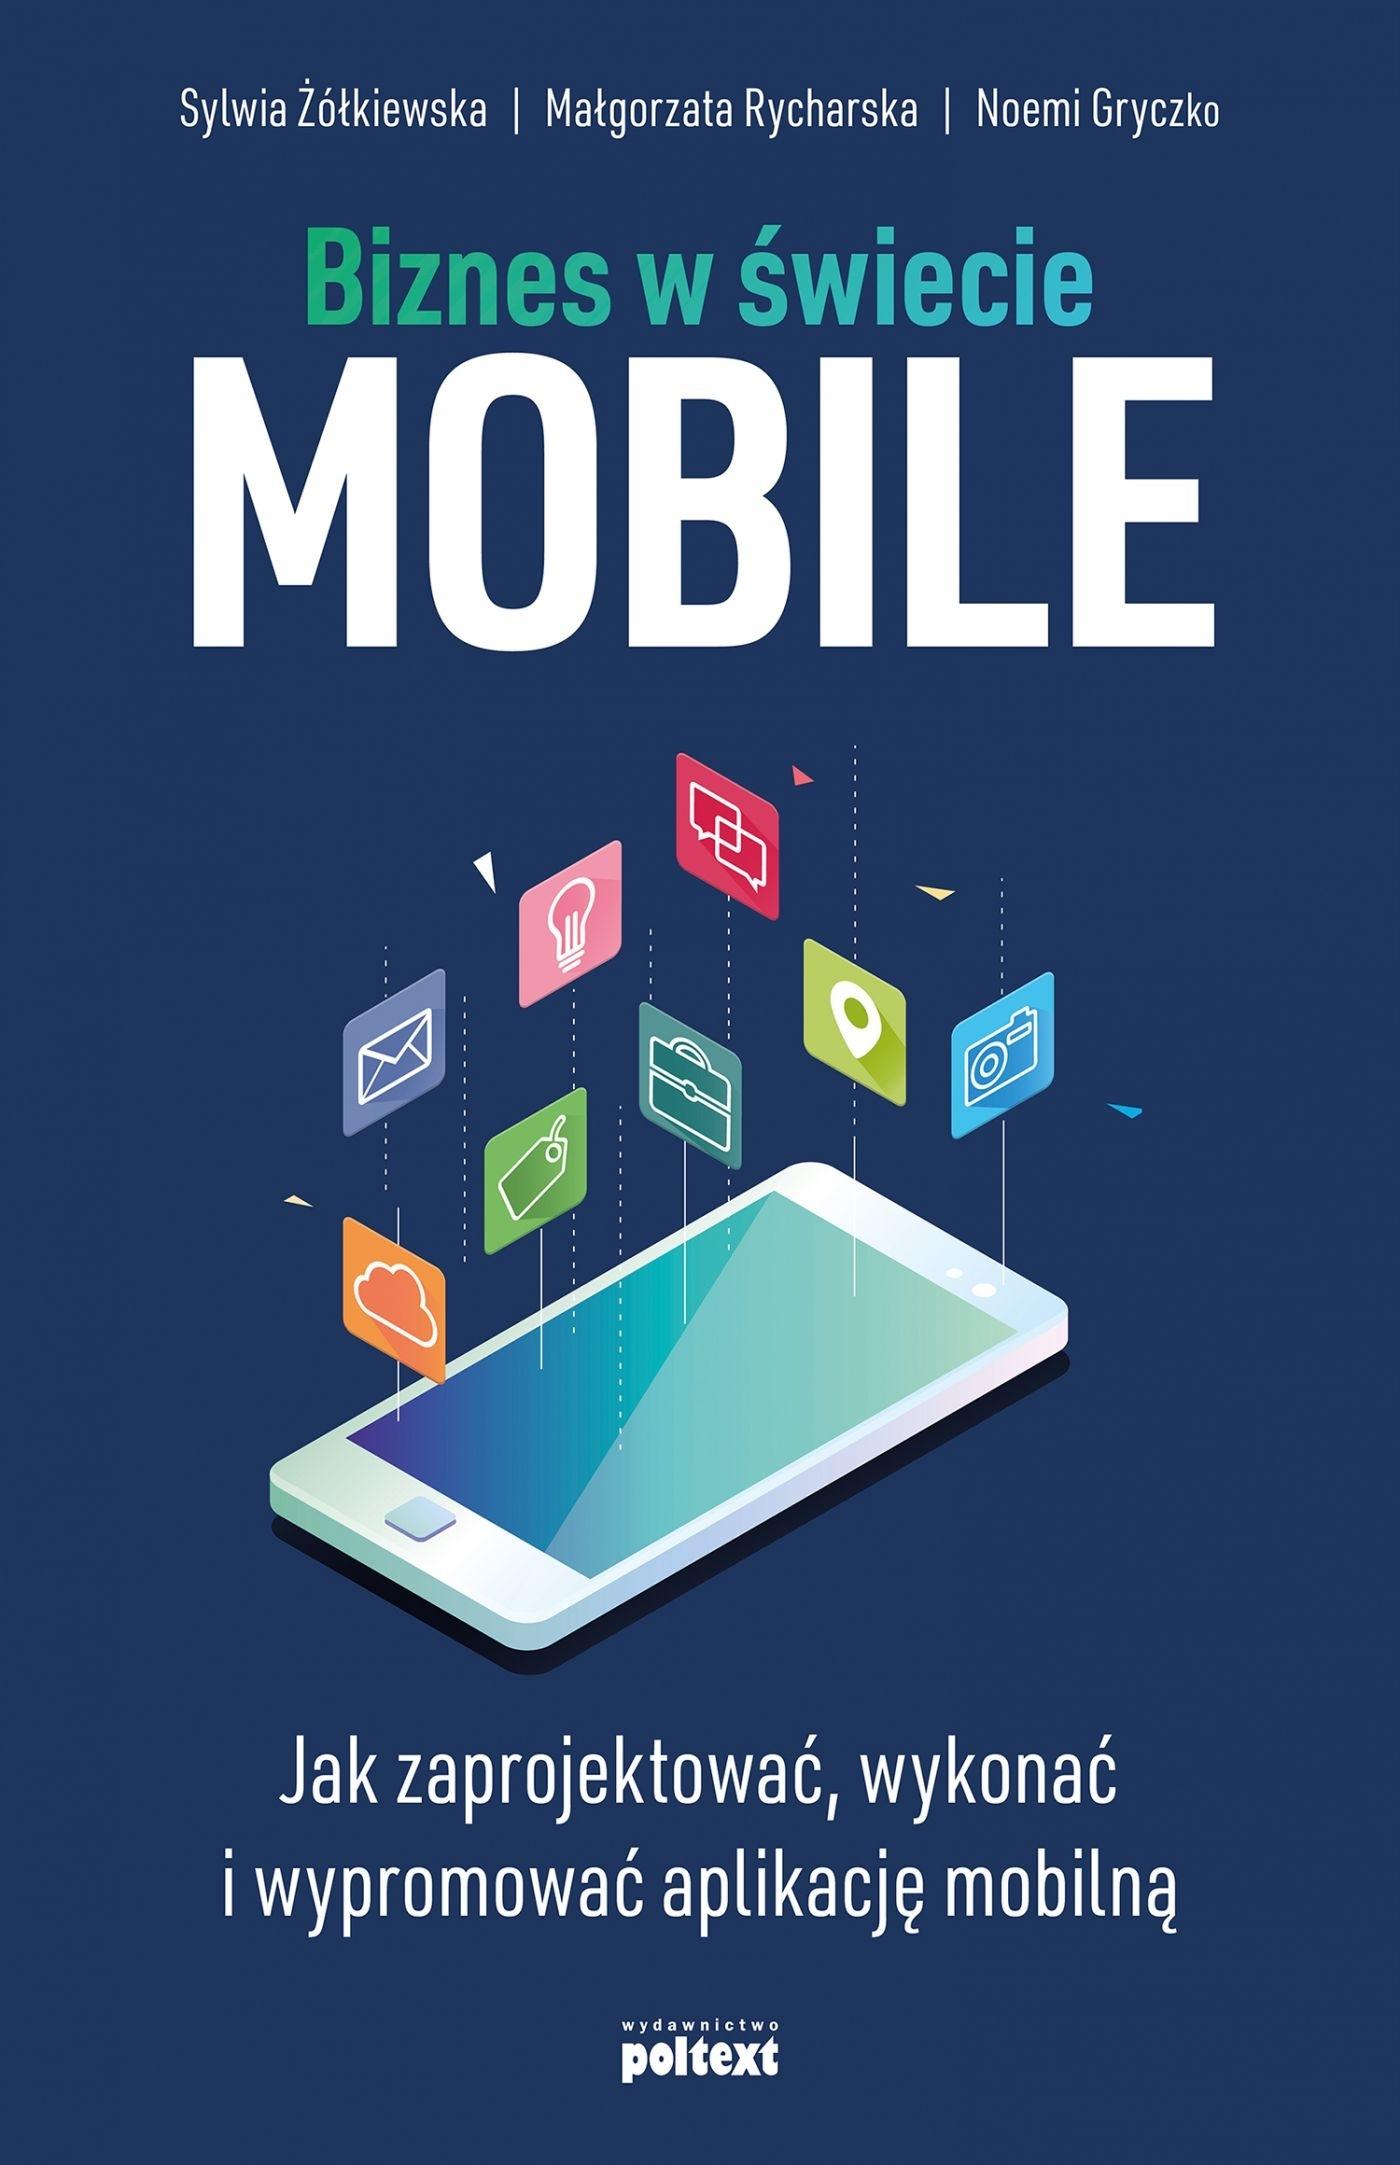 Biznes w świecie mobile Noemi Gryczko